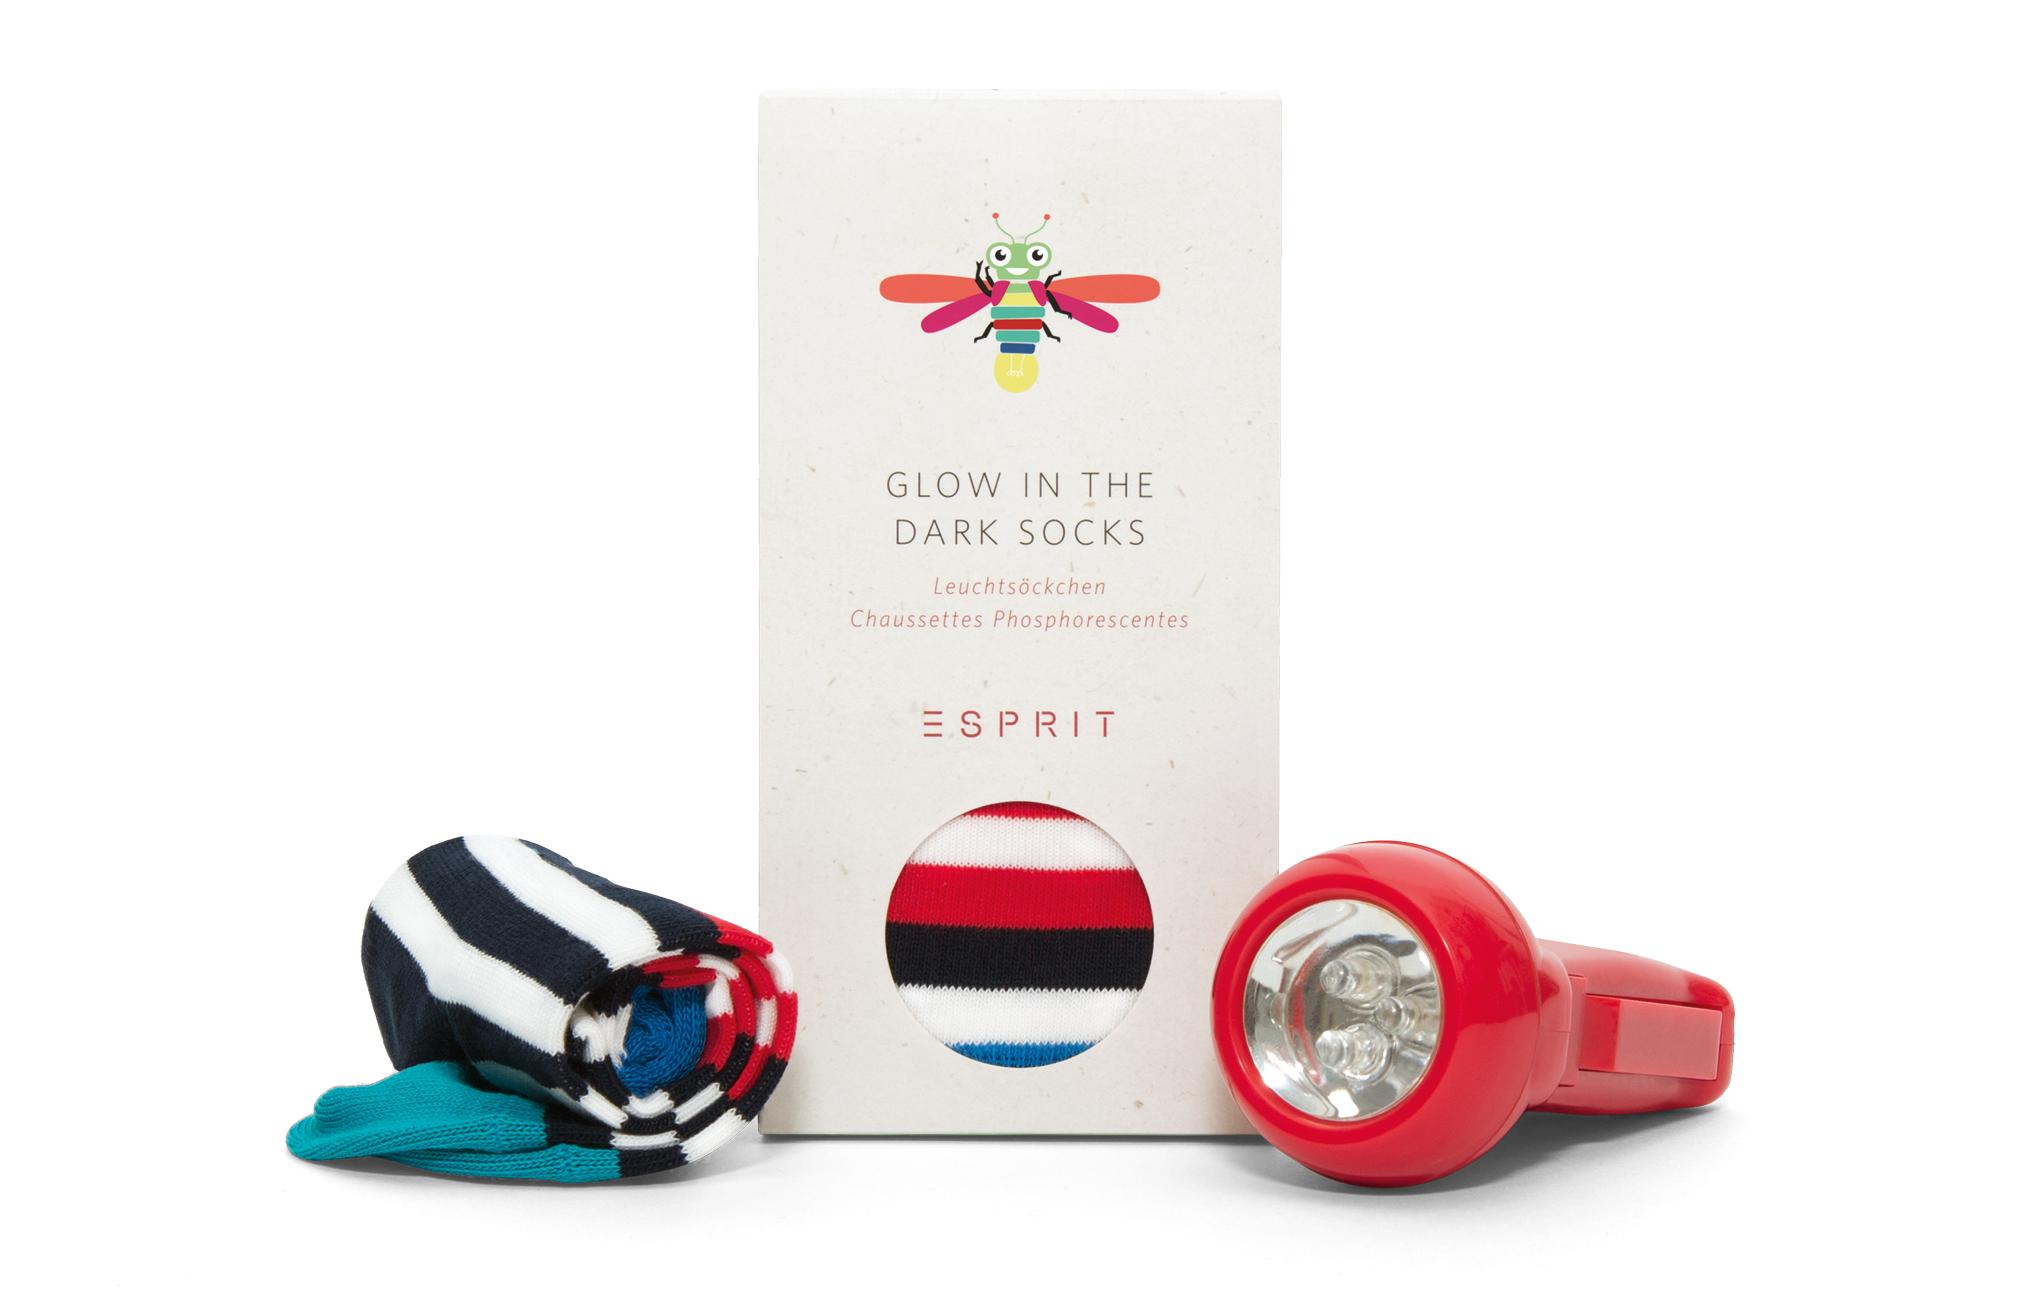 Socken-Verpackung für die Glow in the dark Kindersocken von Esprit. Design, Grafik und Illustrationen von den sons of ipanema aus Köln.